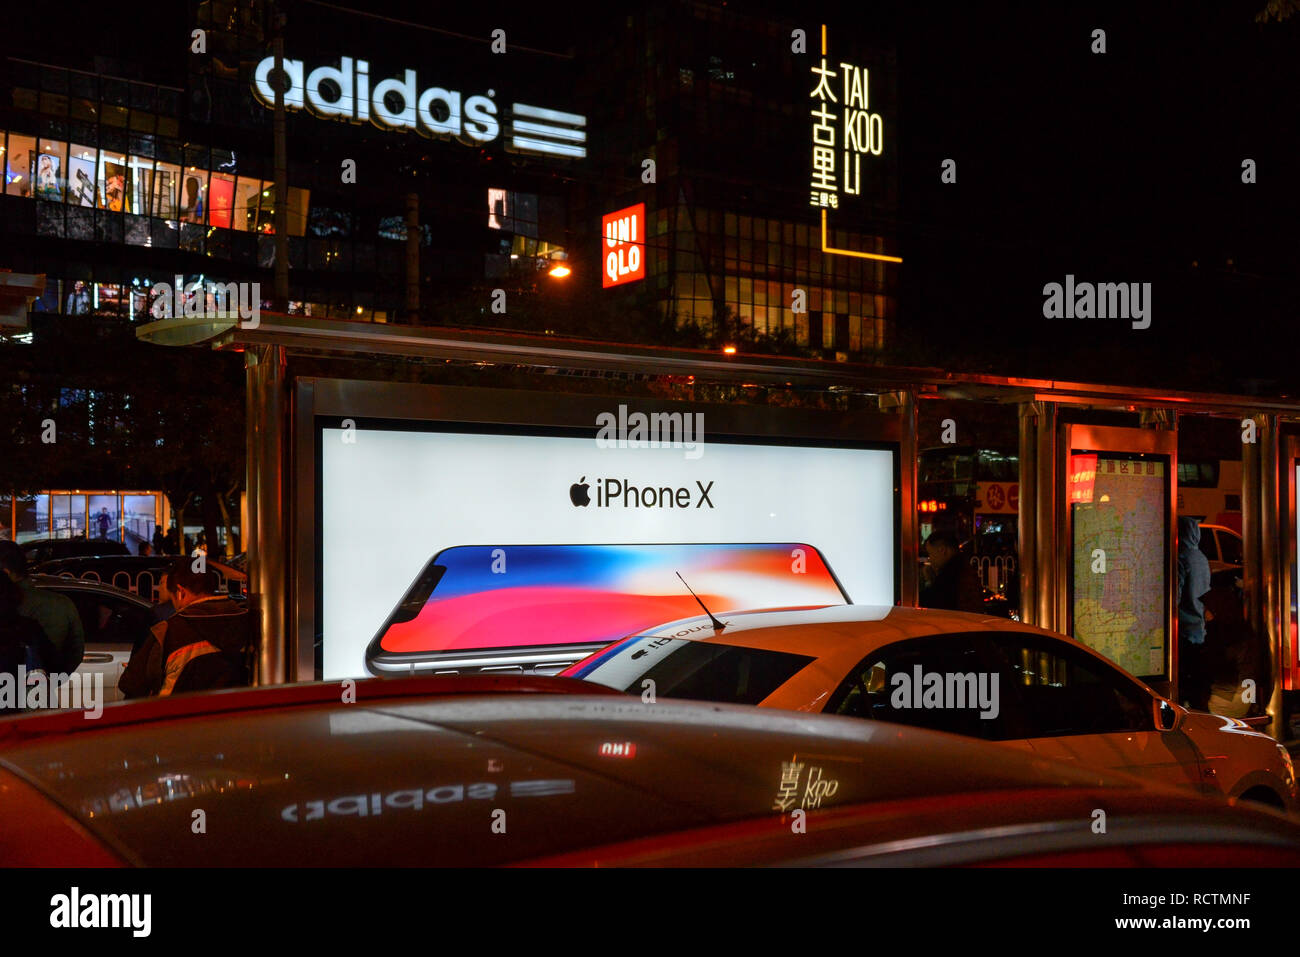 Peking, China - November 11, 2017: Night Shot in Sanlitun, einer geschäftigen Einkaufsstraße, mit Reklametafeln ad für die Freigabe, wenn das iPhone X. Adidas und Uniq Stockfoto